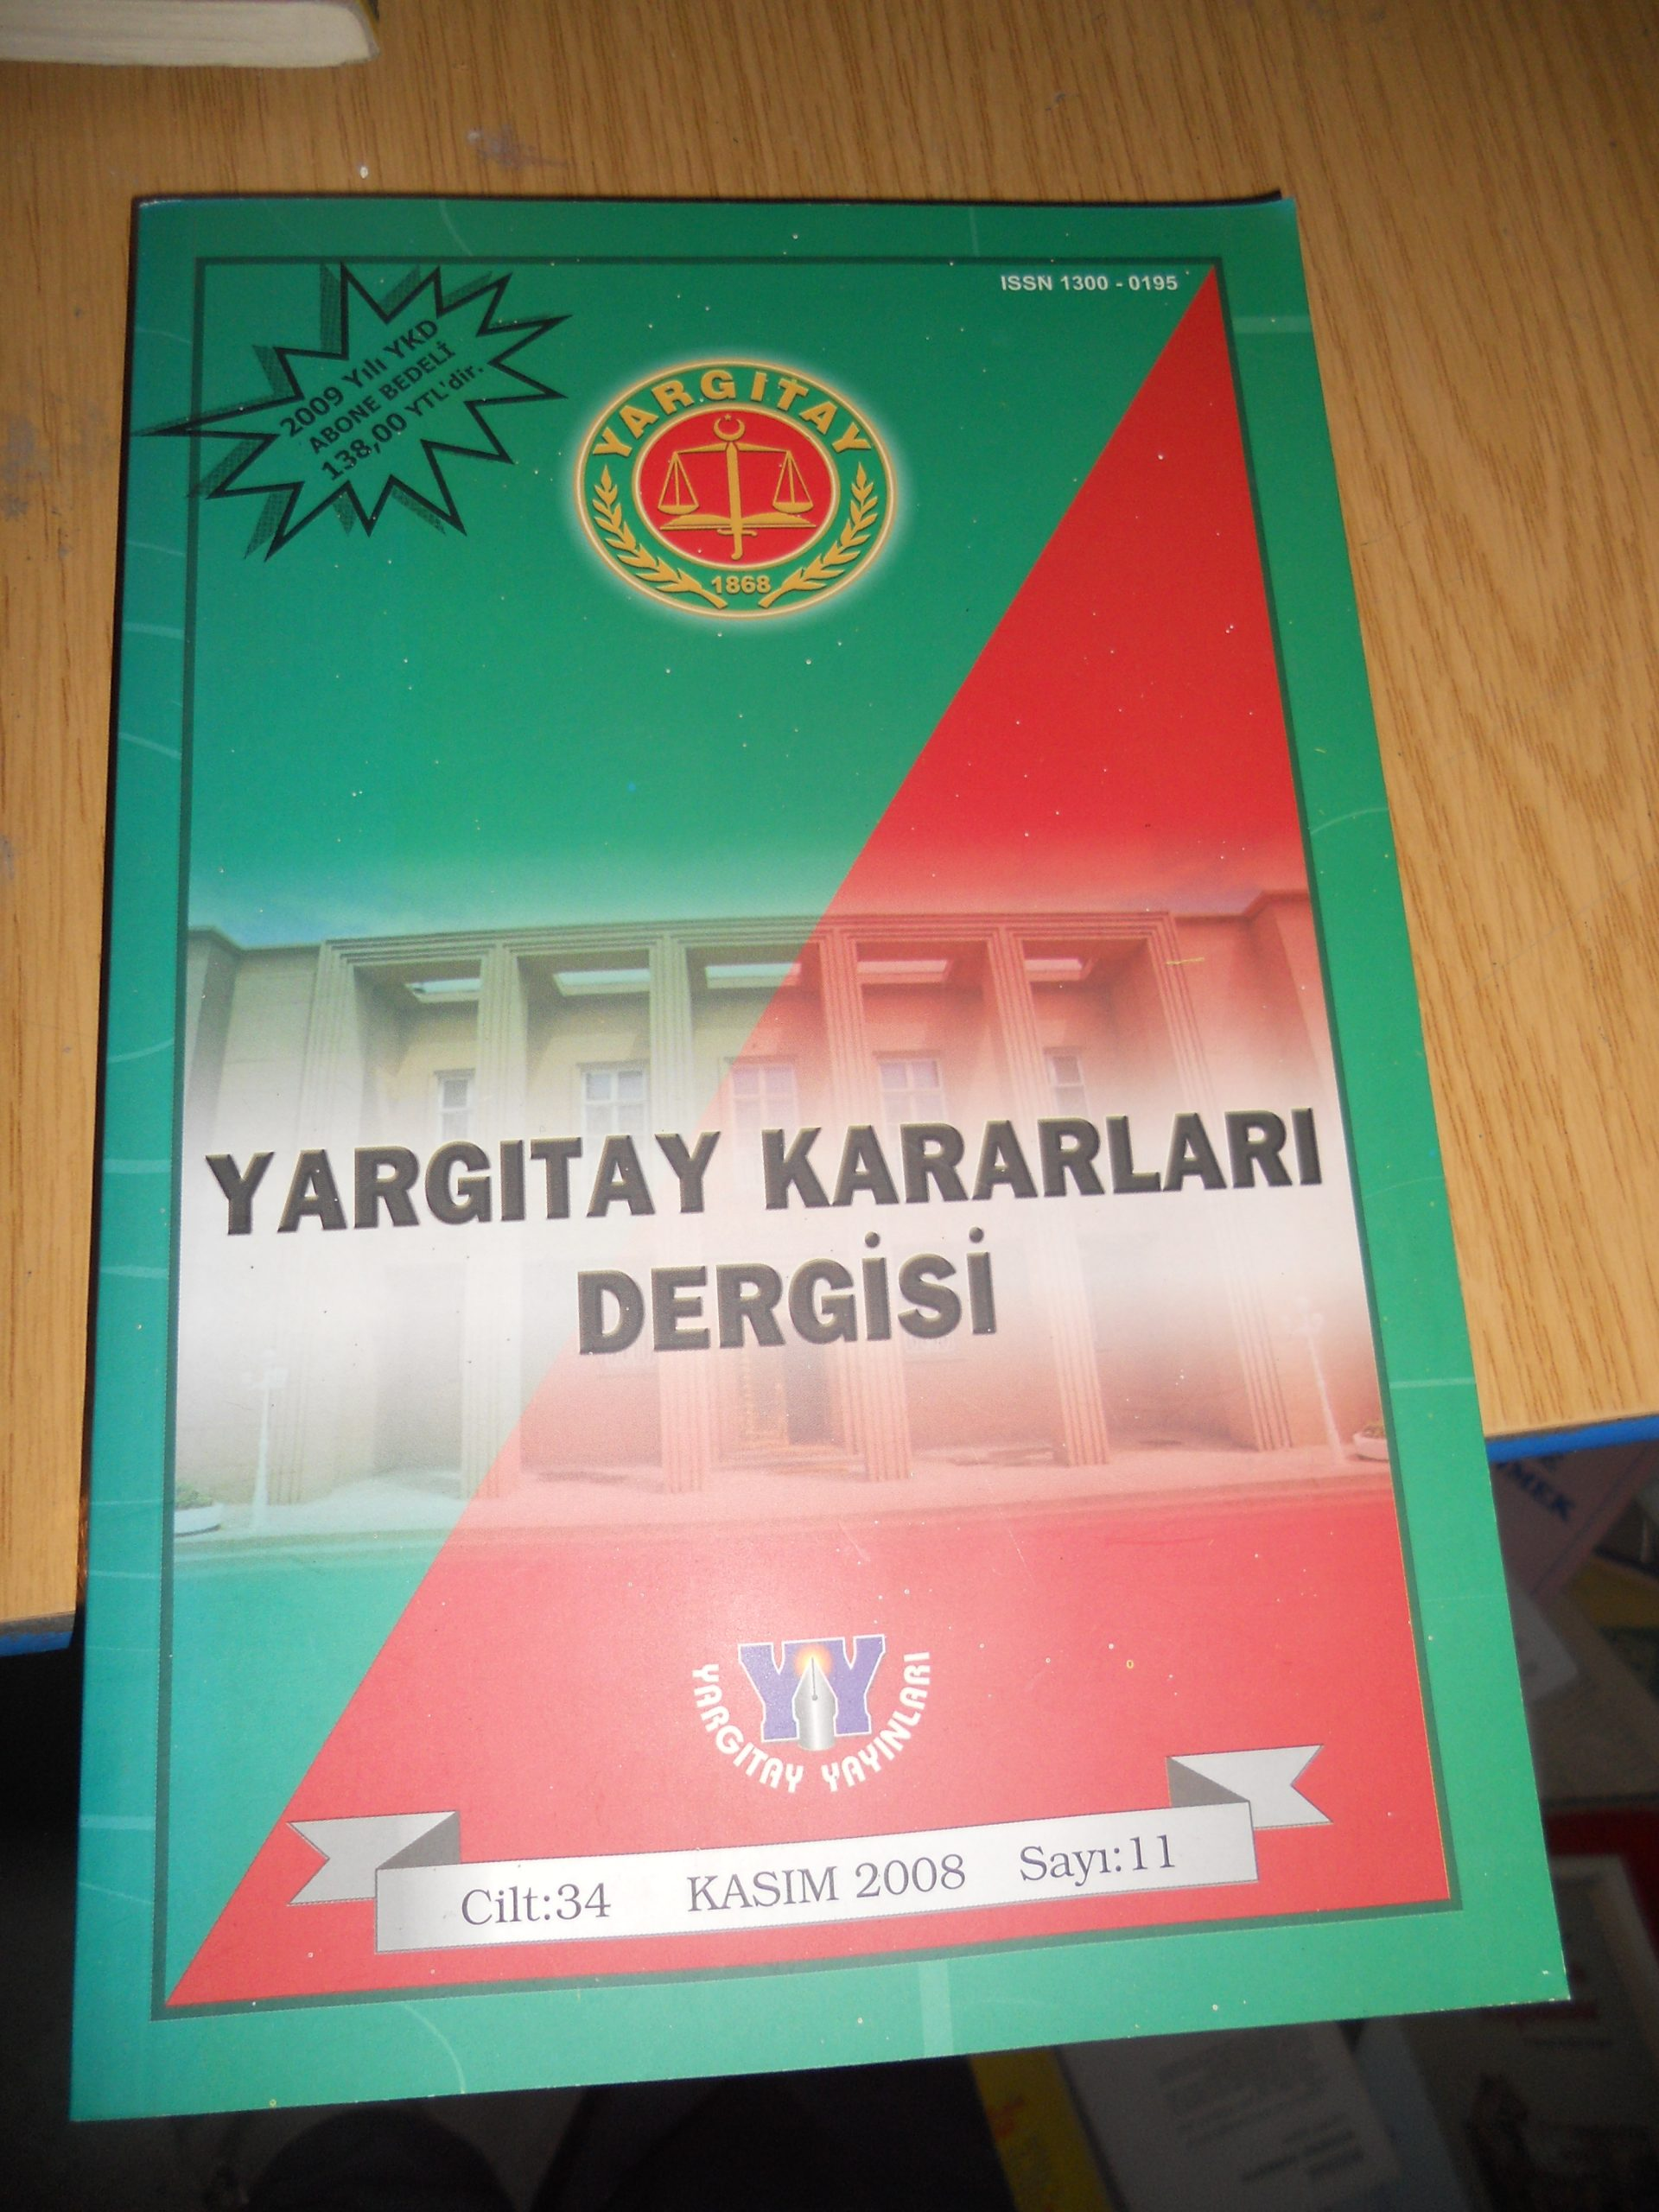 YARGITAY KARARLARI DERGİSİ/Kasım 2008-sayı 11/ 15 tl